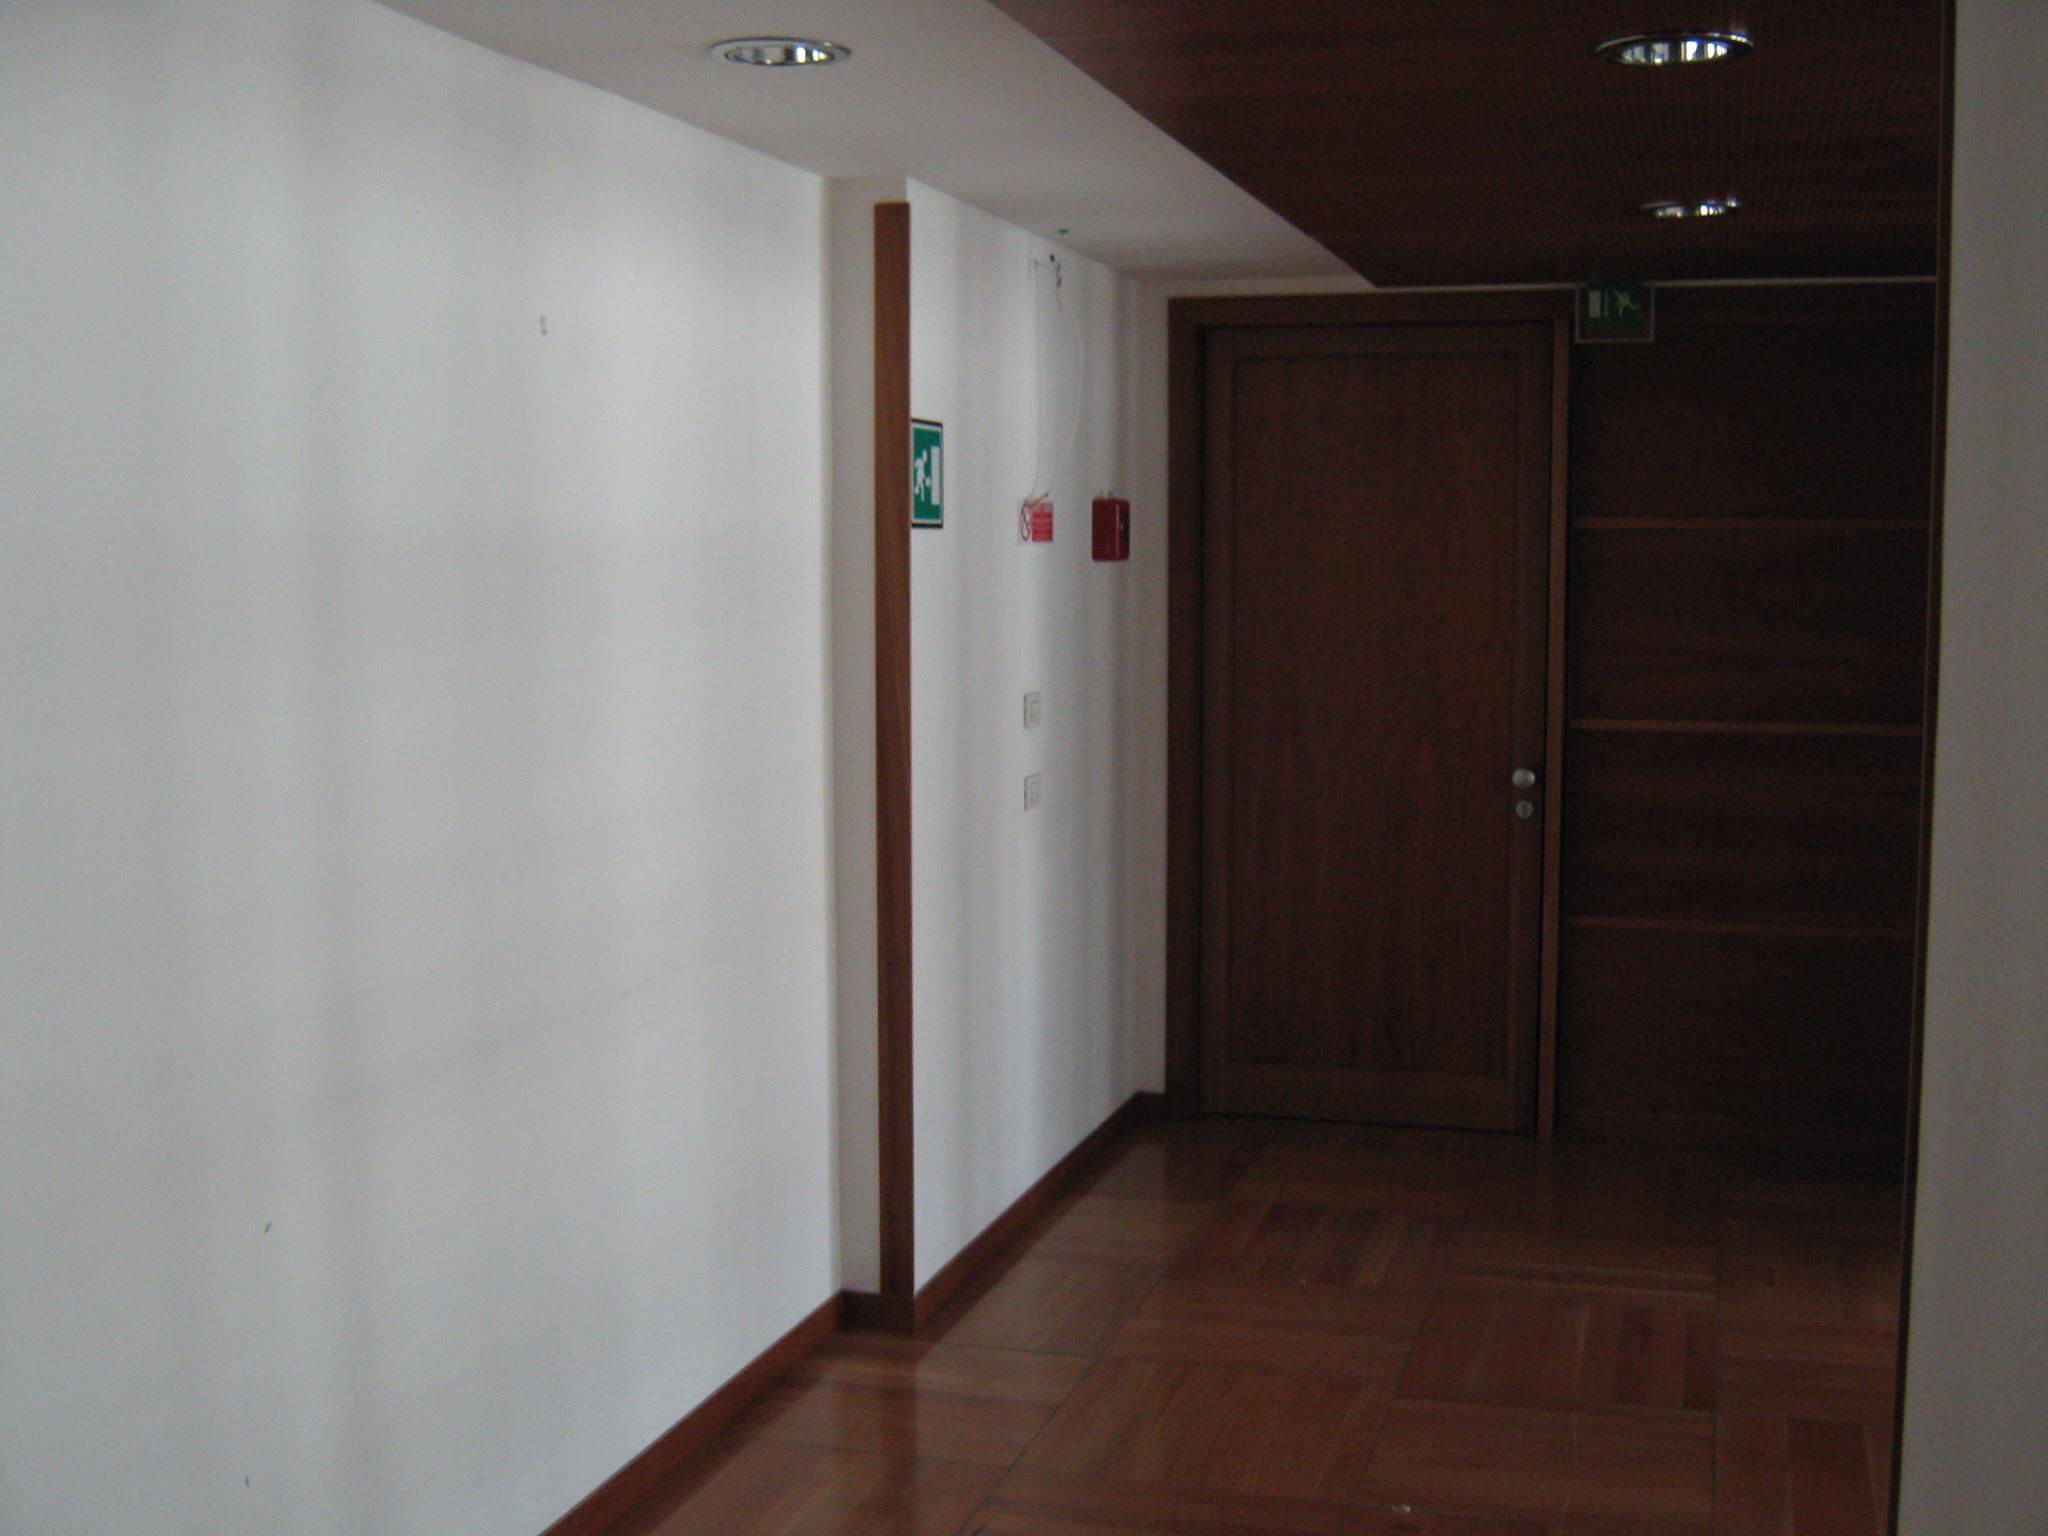 5. Locale corridoio con illuminazione led a soffitto: stato di fatto.